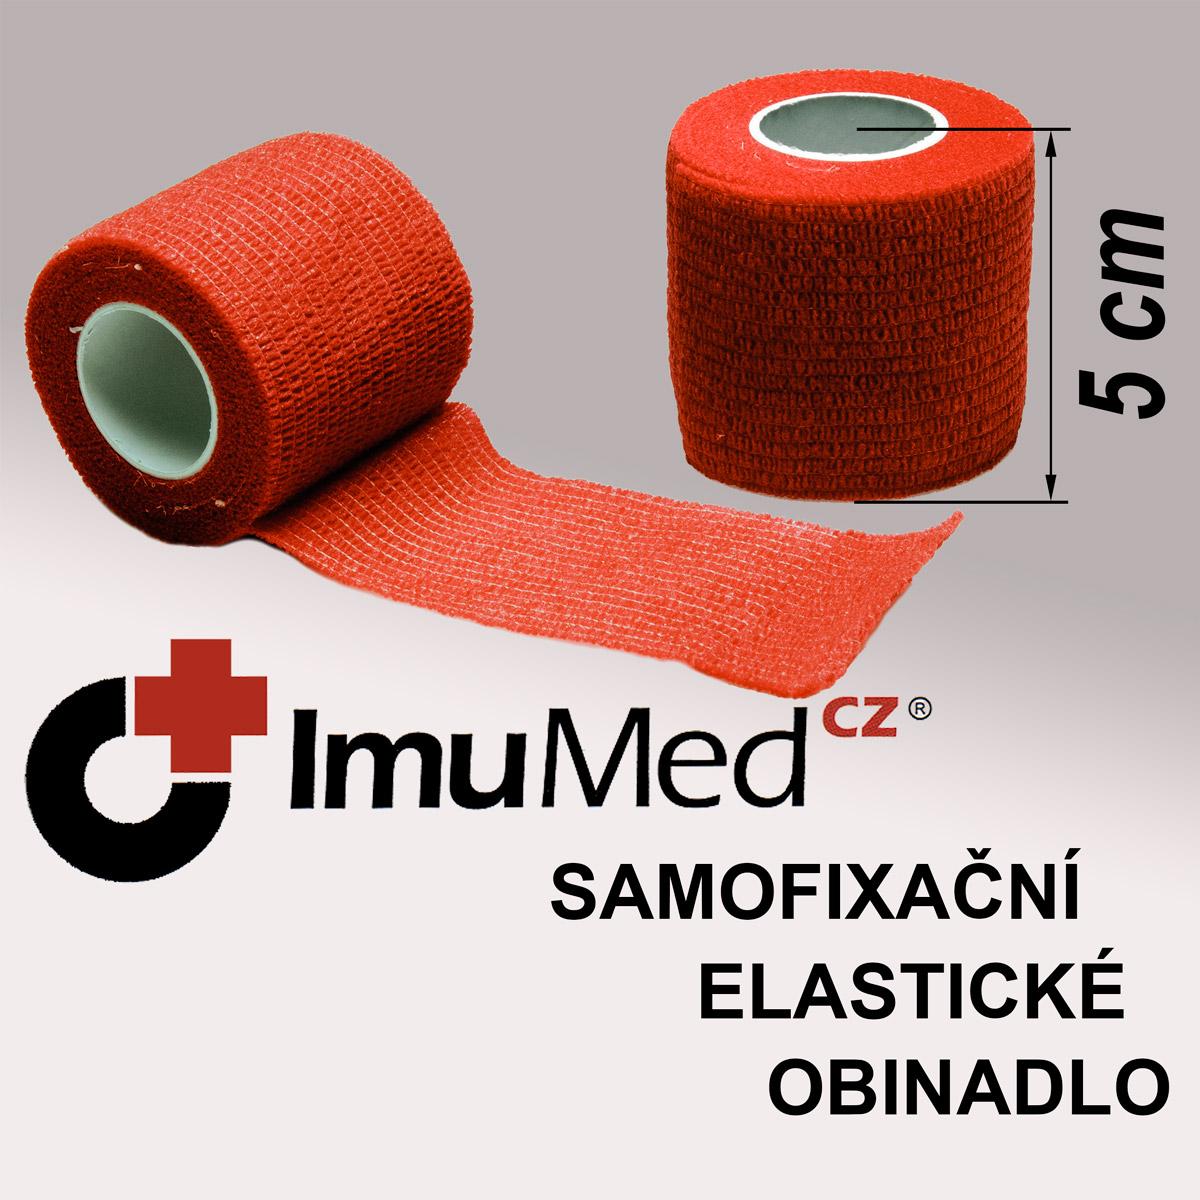 ImuMedCZ samofixační elastické obinadlo 5cm x 4,5m ČERVENÁ barva ImuMedCZ samodržící elastické obinadlo 5cm x 4,5m ČERVENÁ barva